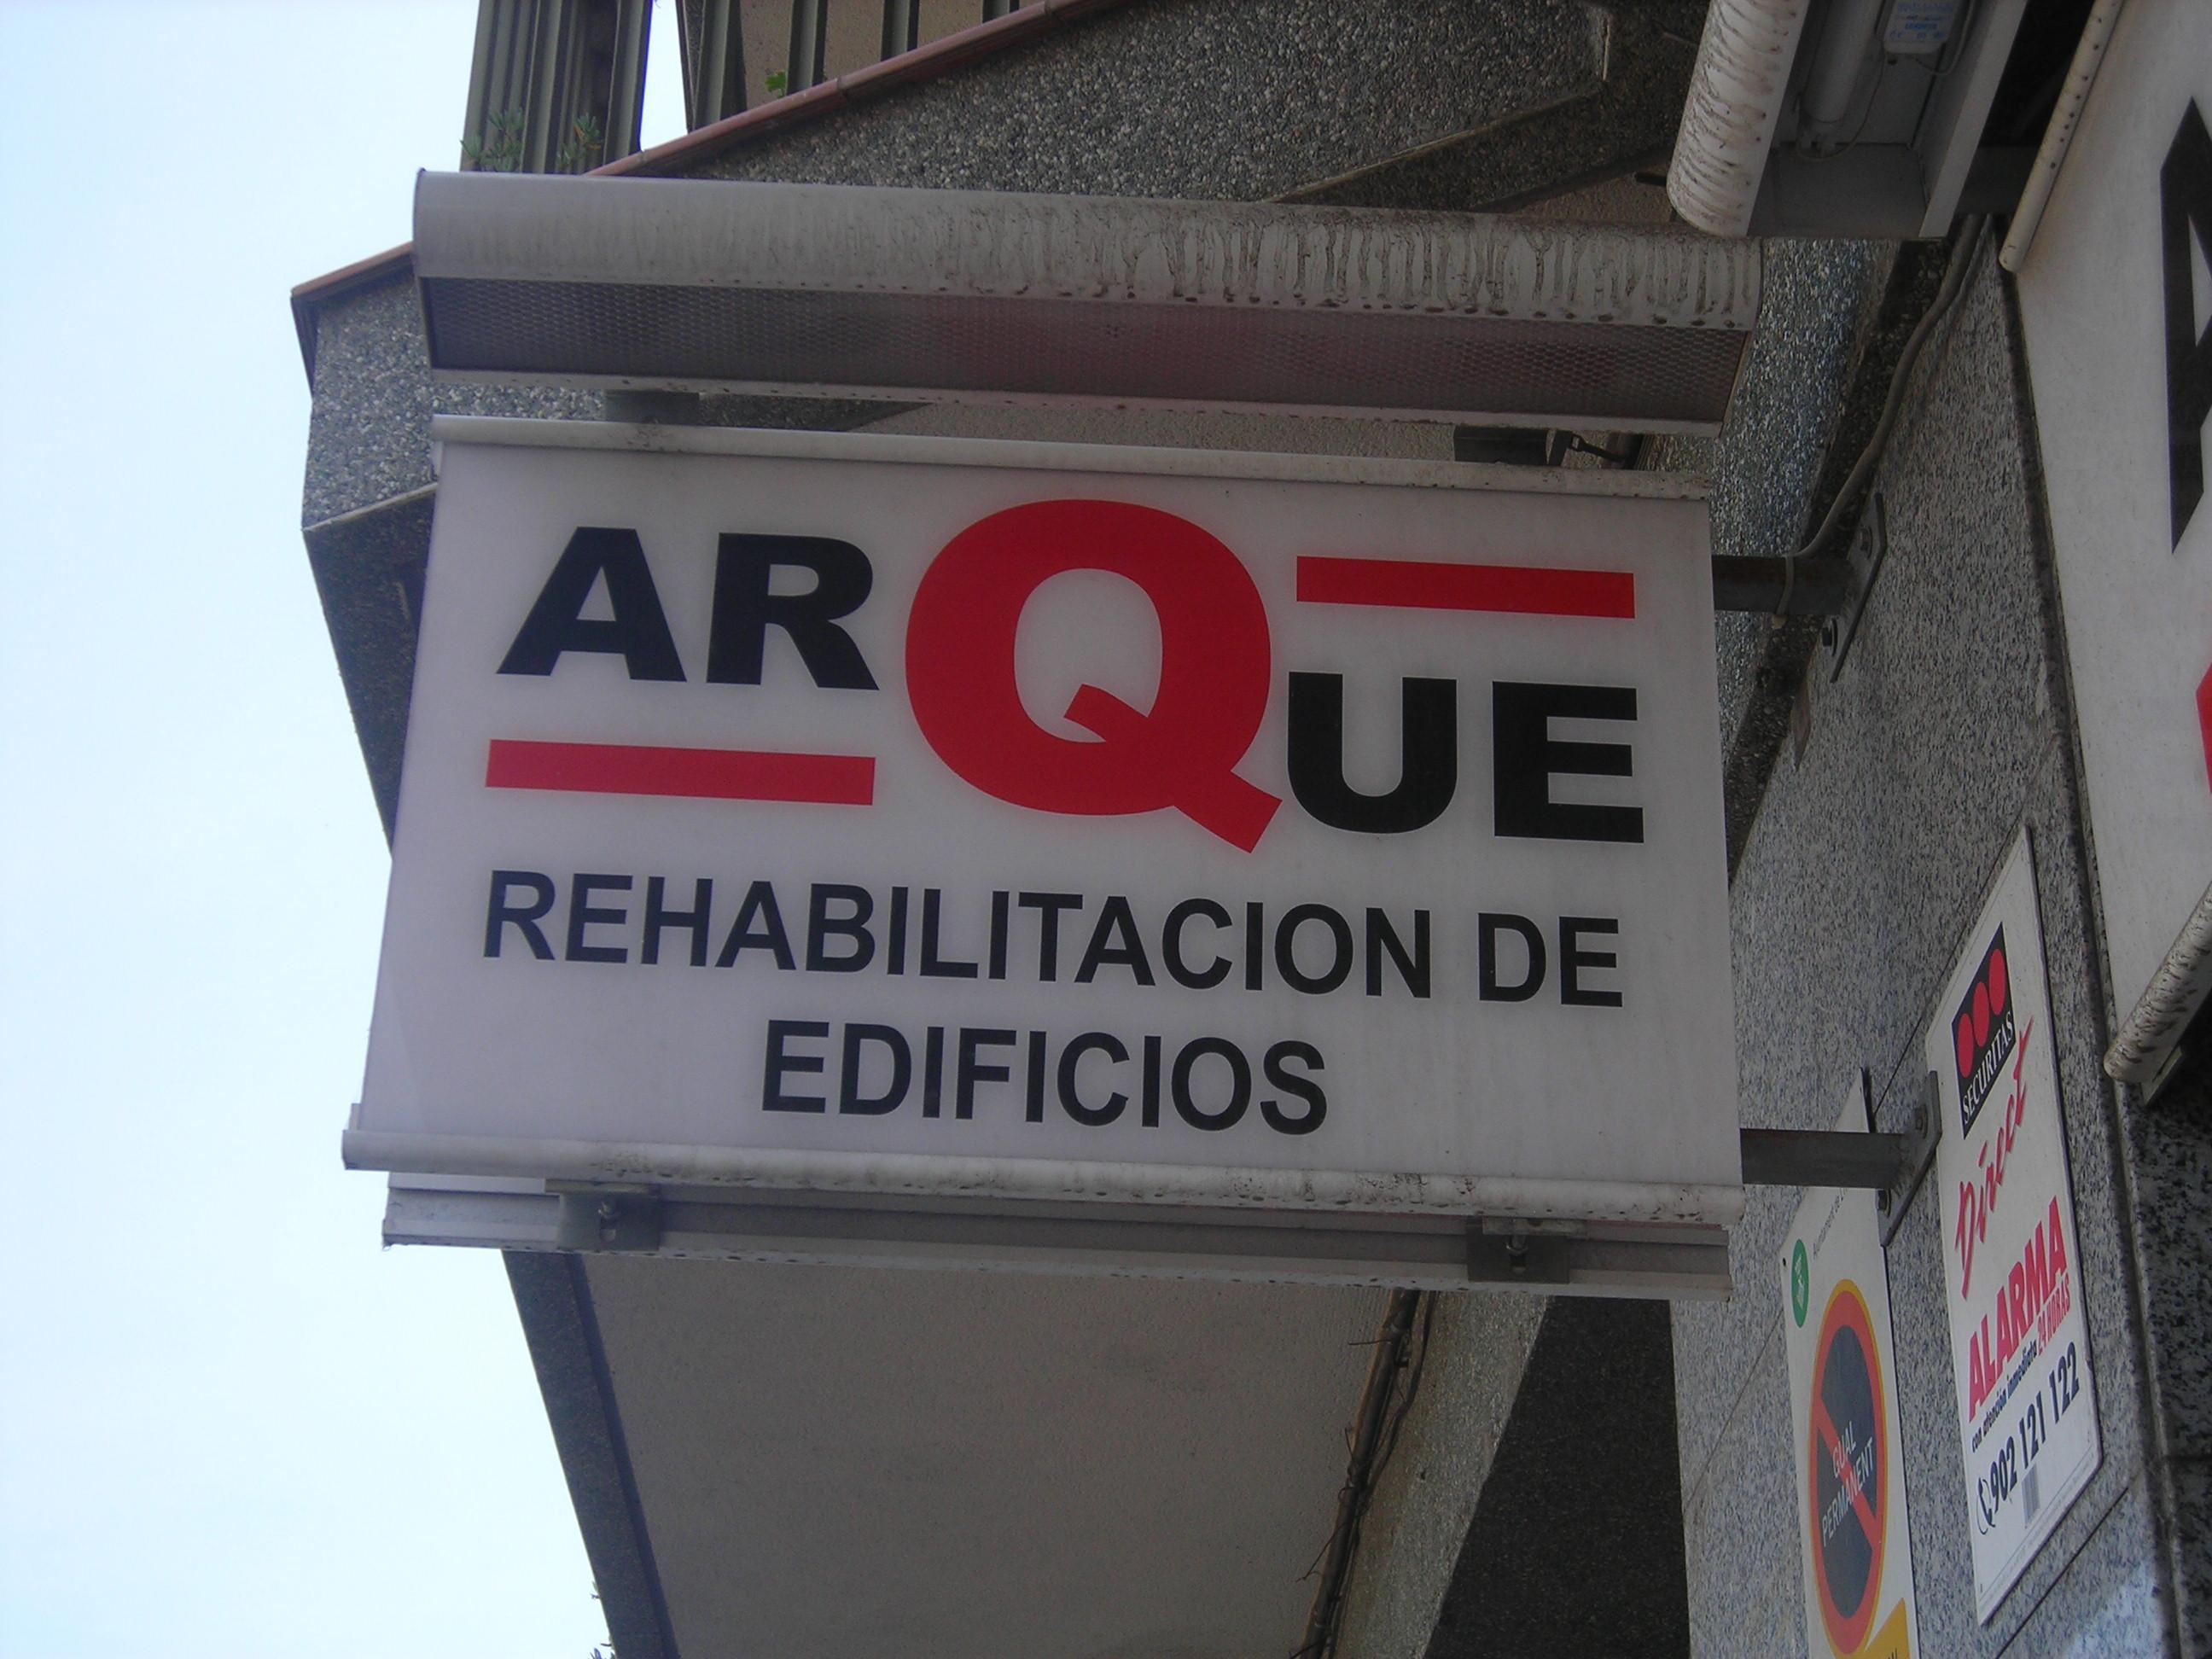 Arque Rehabilitación De Edificios